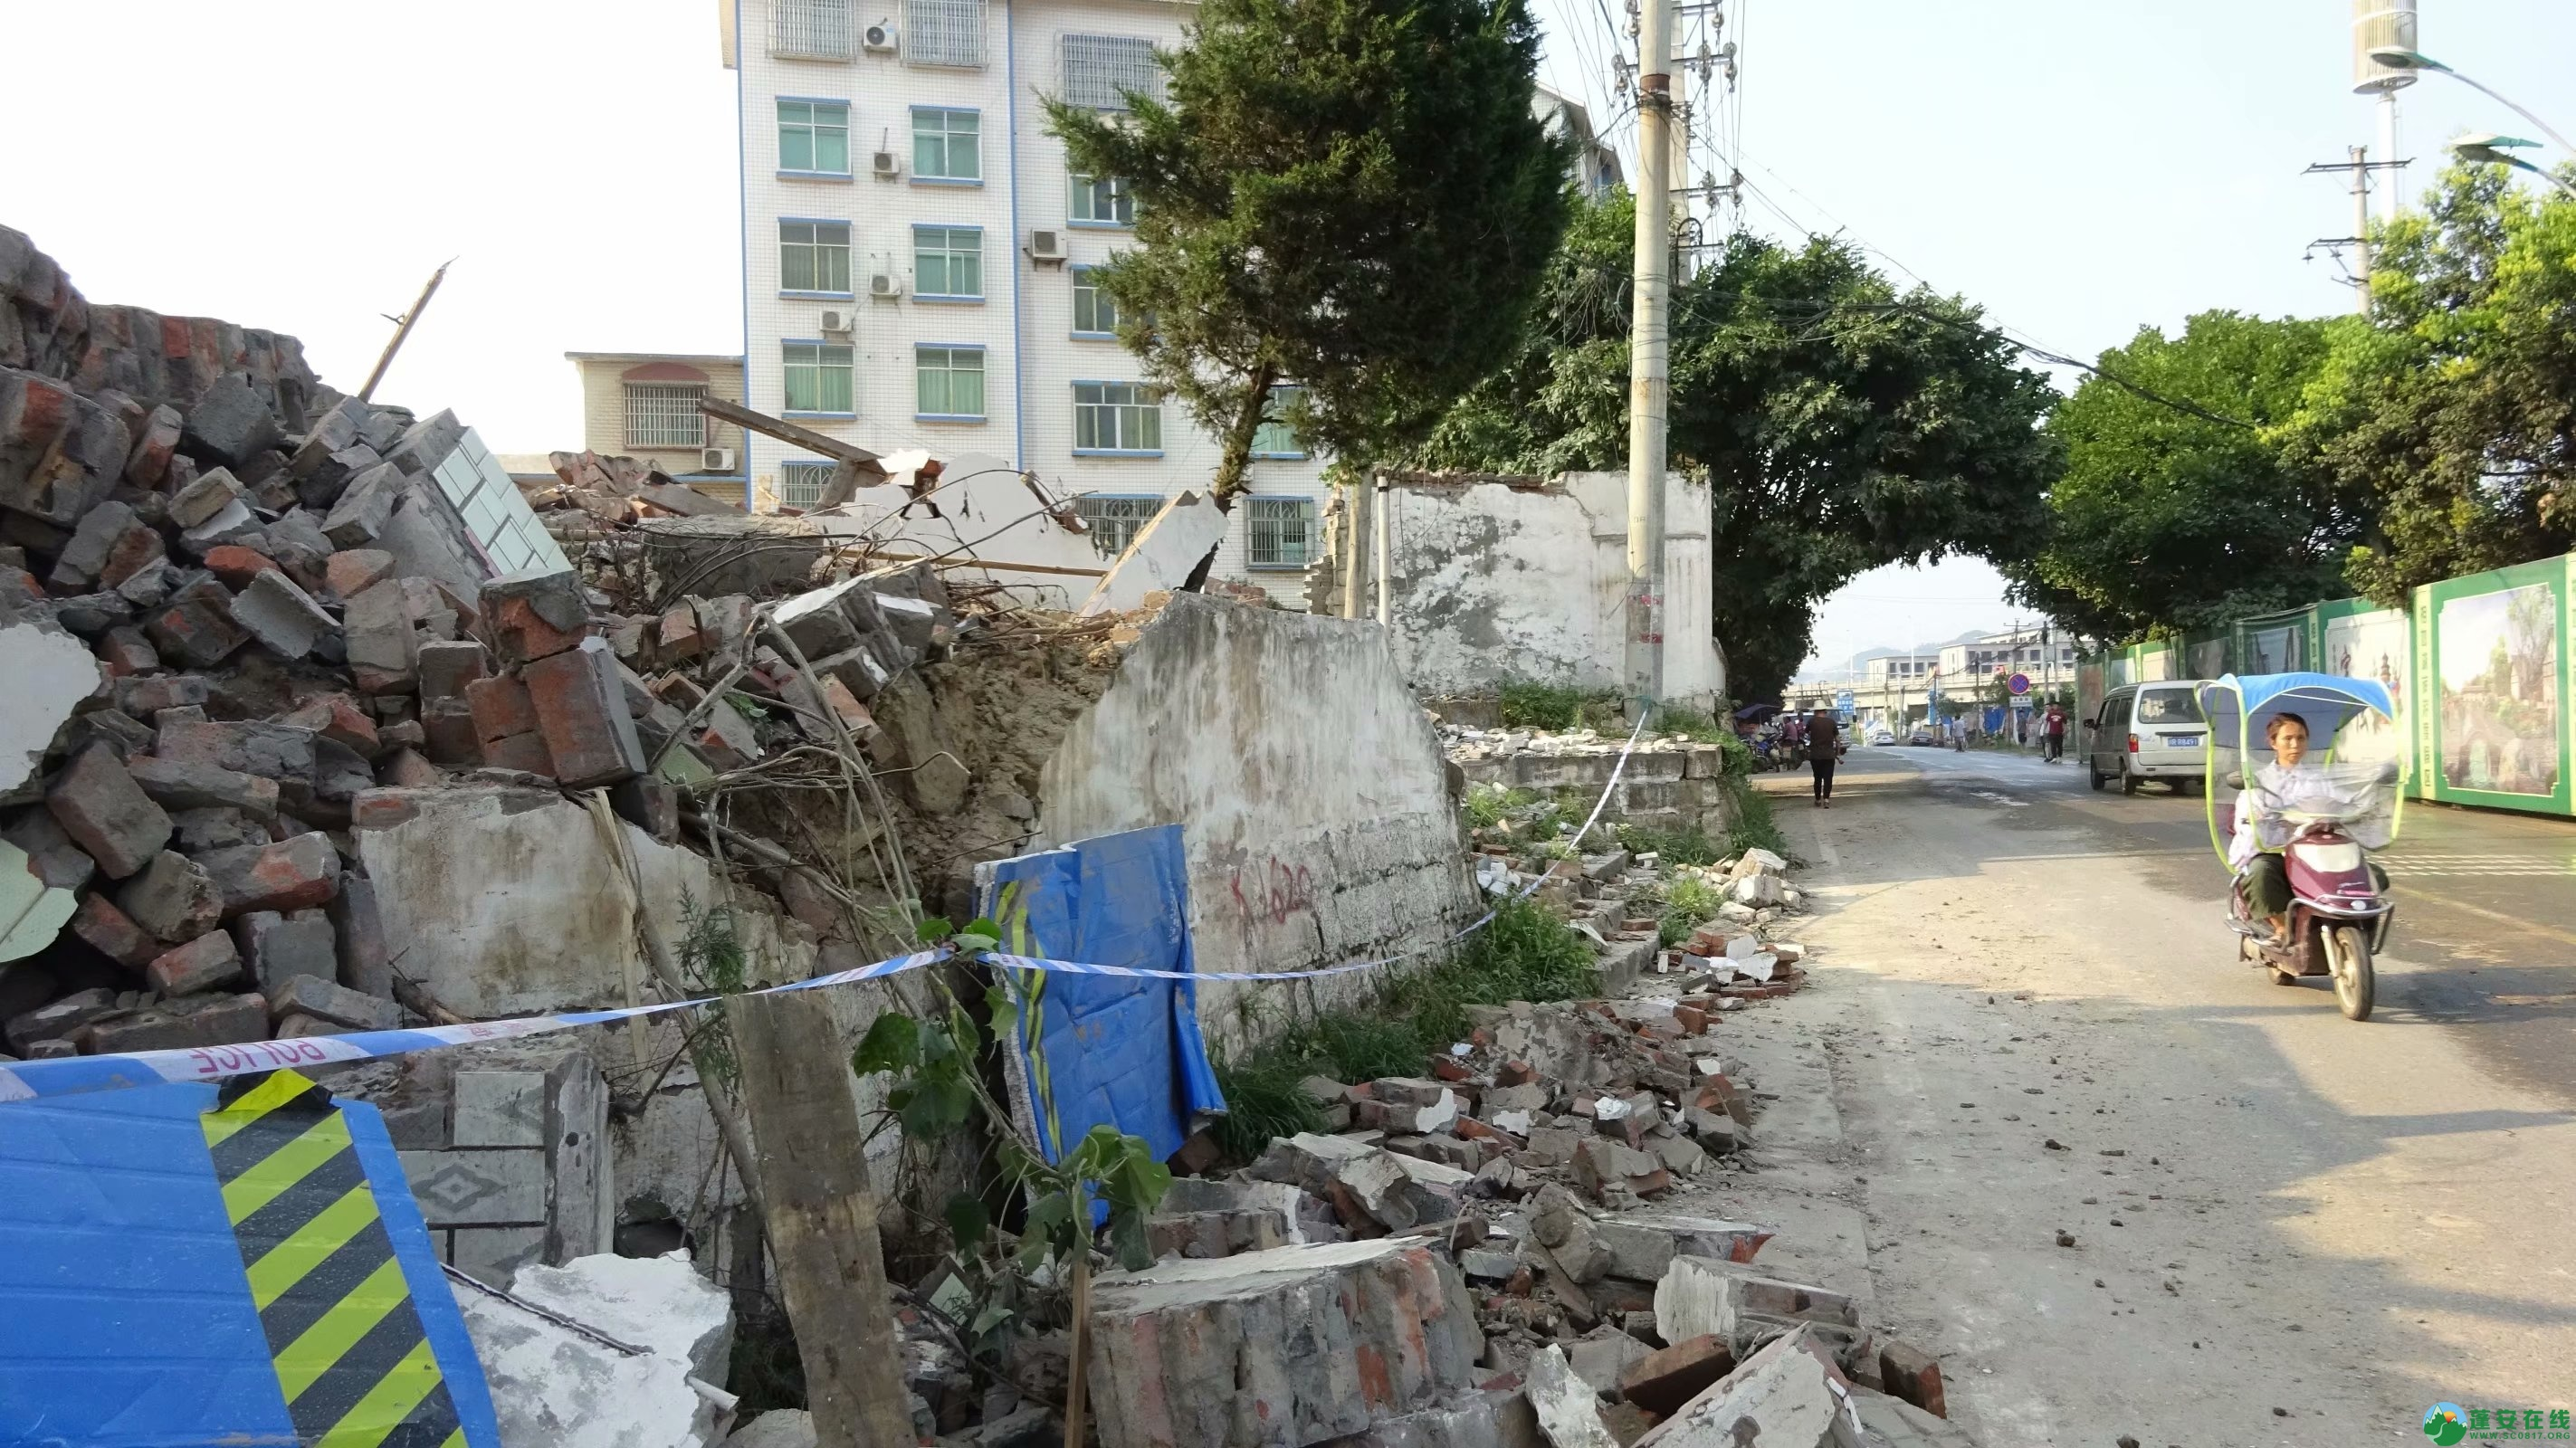 蓬安锦屏相如故城建设迅猛 - 第6张  | 蓬安在线